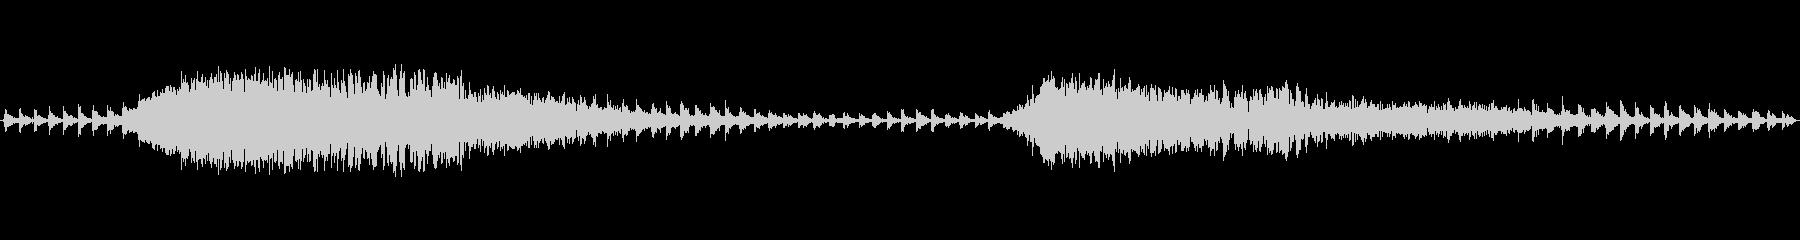 幽霊、怪談のSE ループの未再生の波形